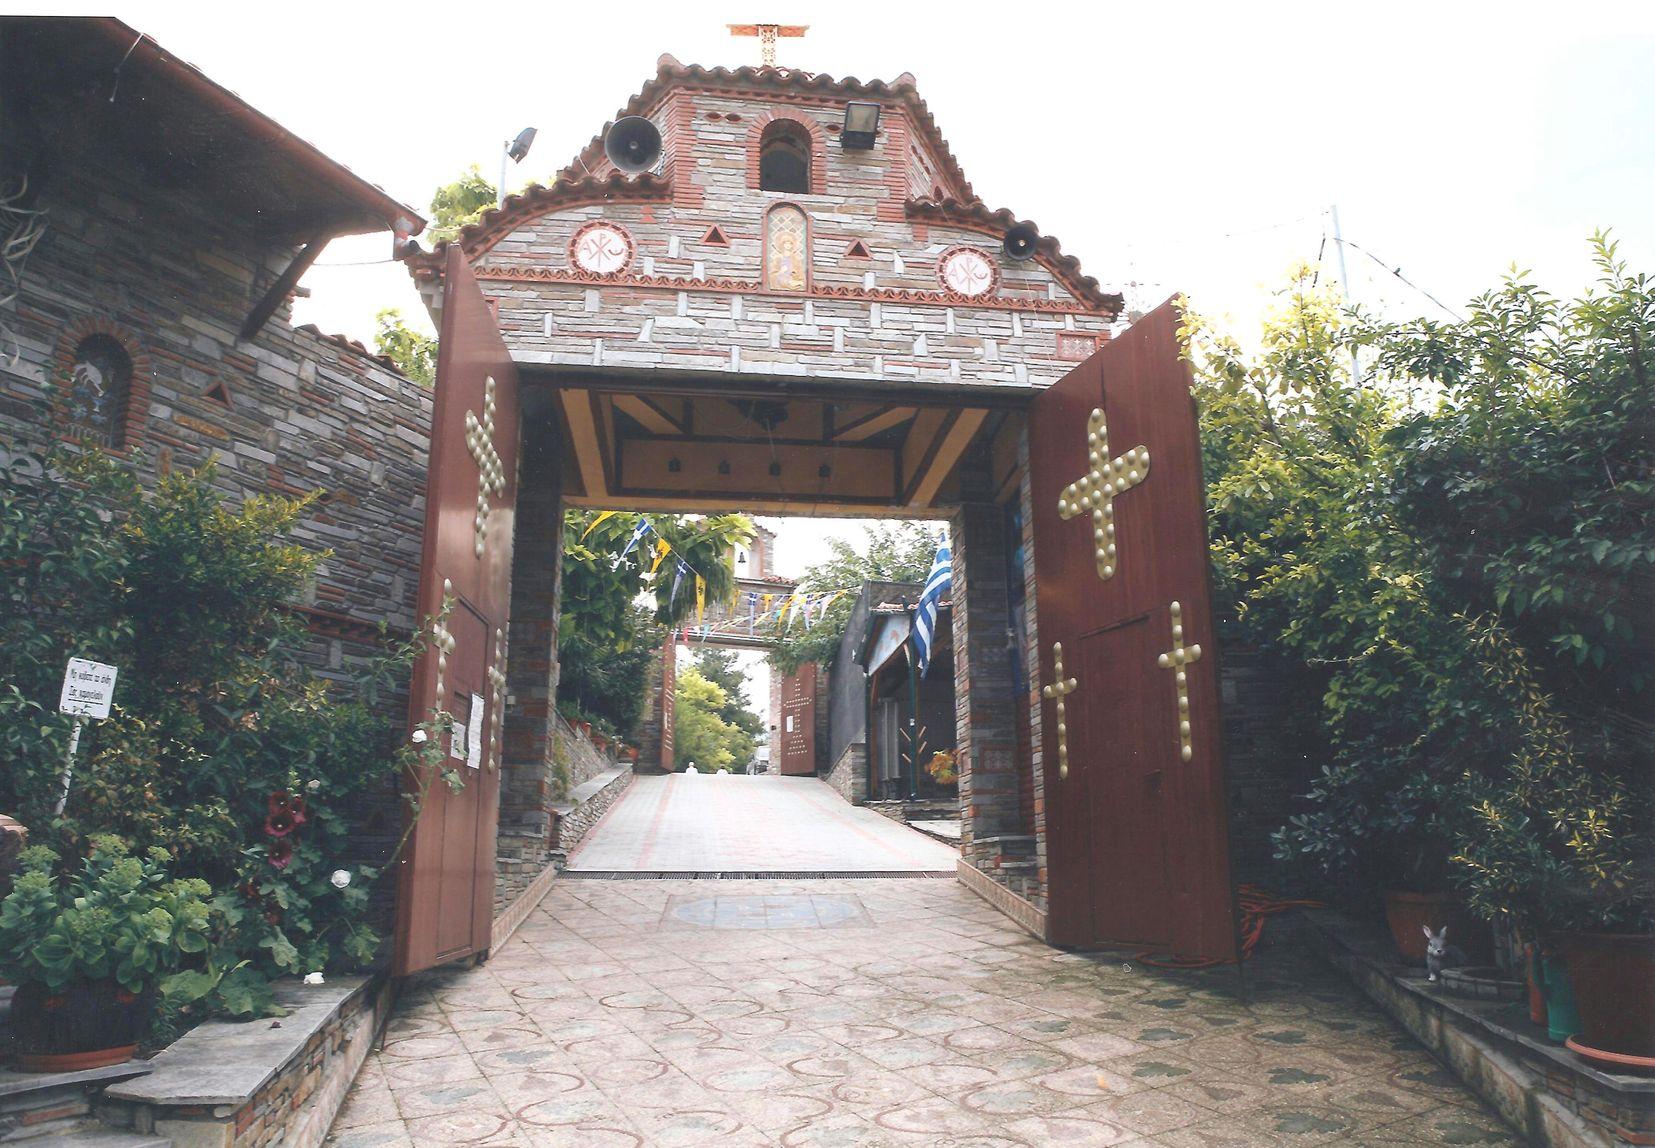 Η 2η Πύλη της Μονής. (από μέσα προς τα έξω).